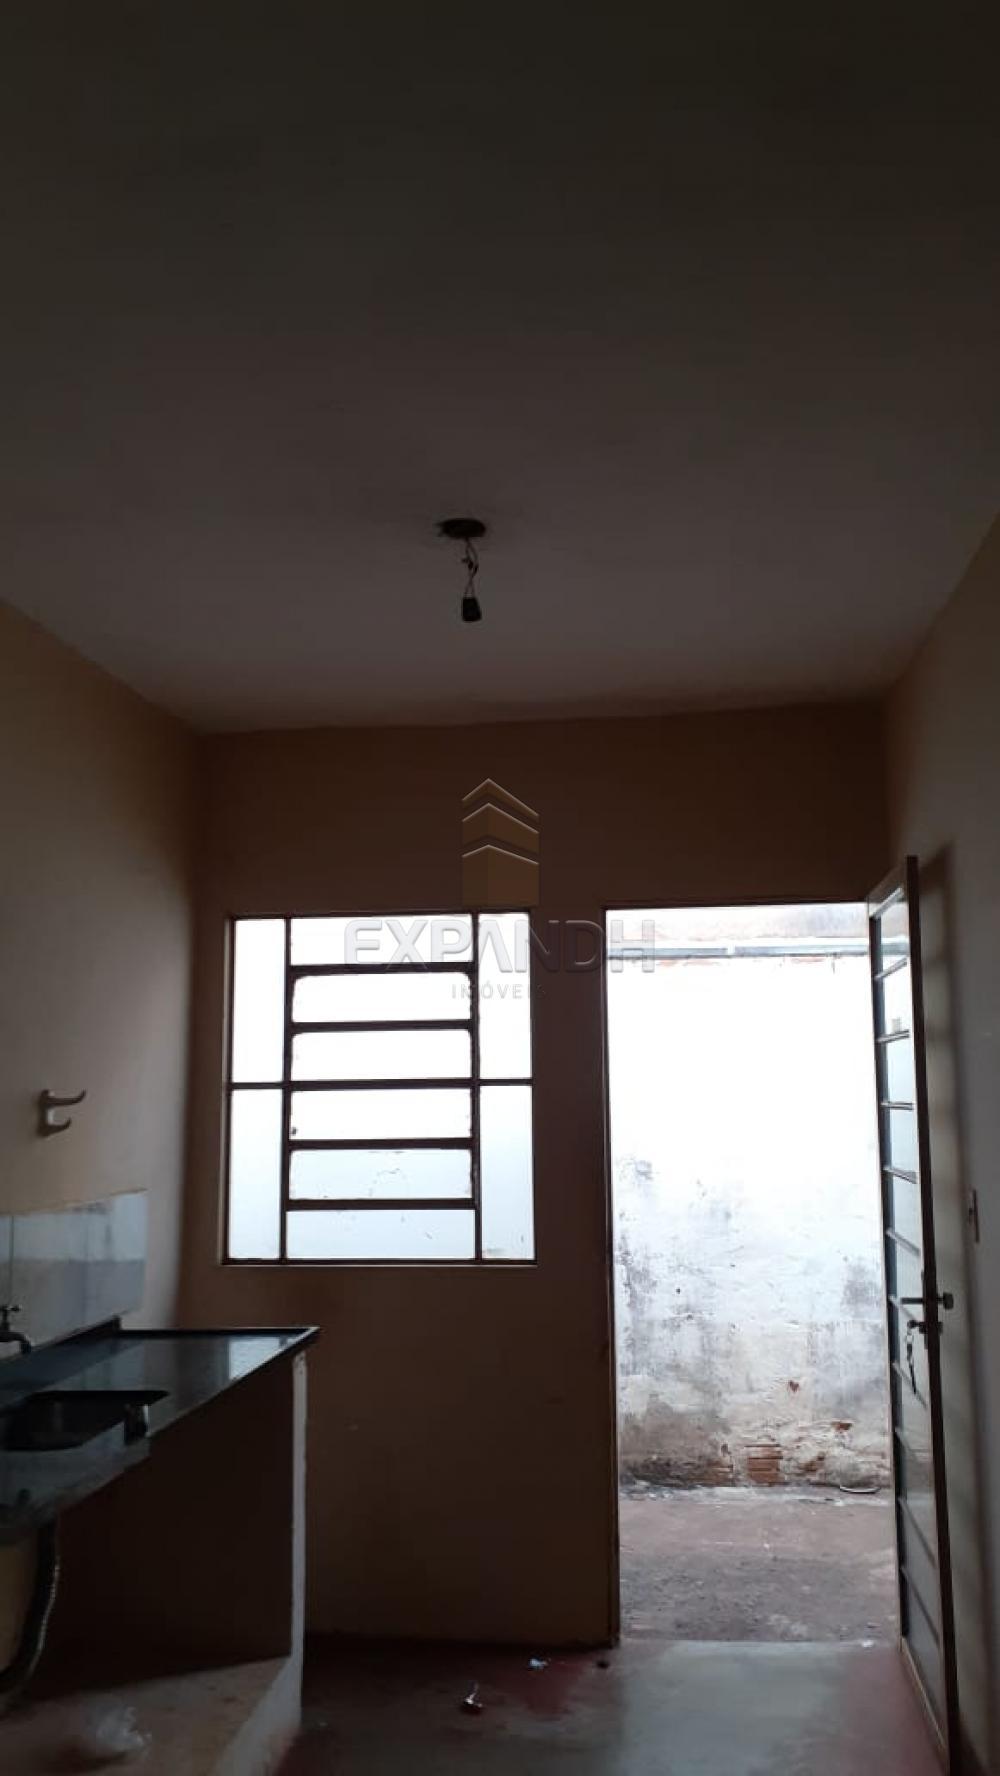 Comprar Casas / Padrão em Sertãozinho apenas R$ 140.000,00 - Foto 26